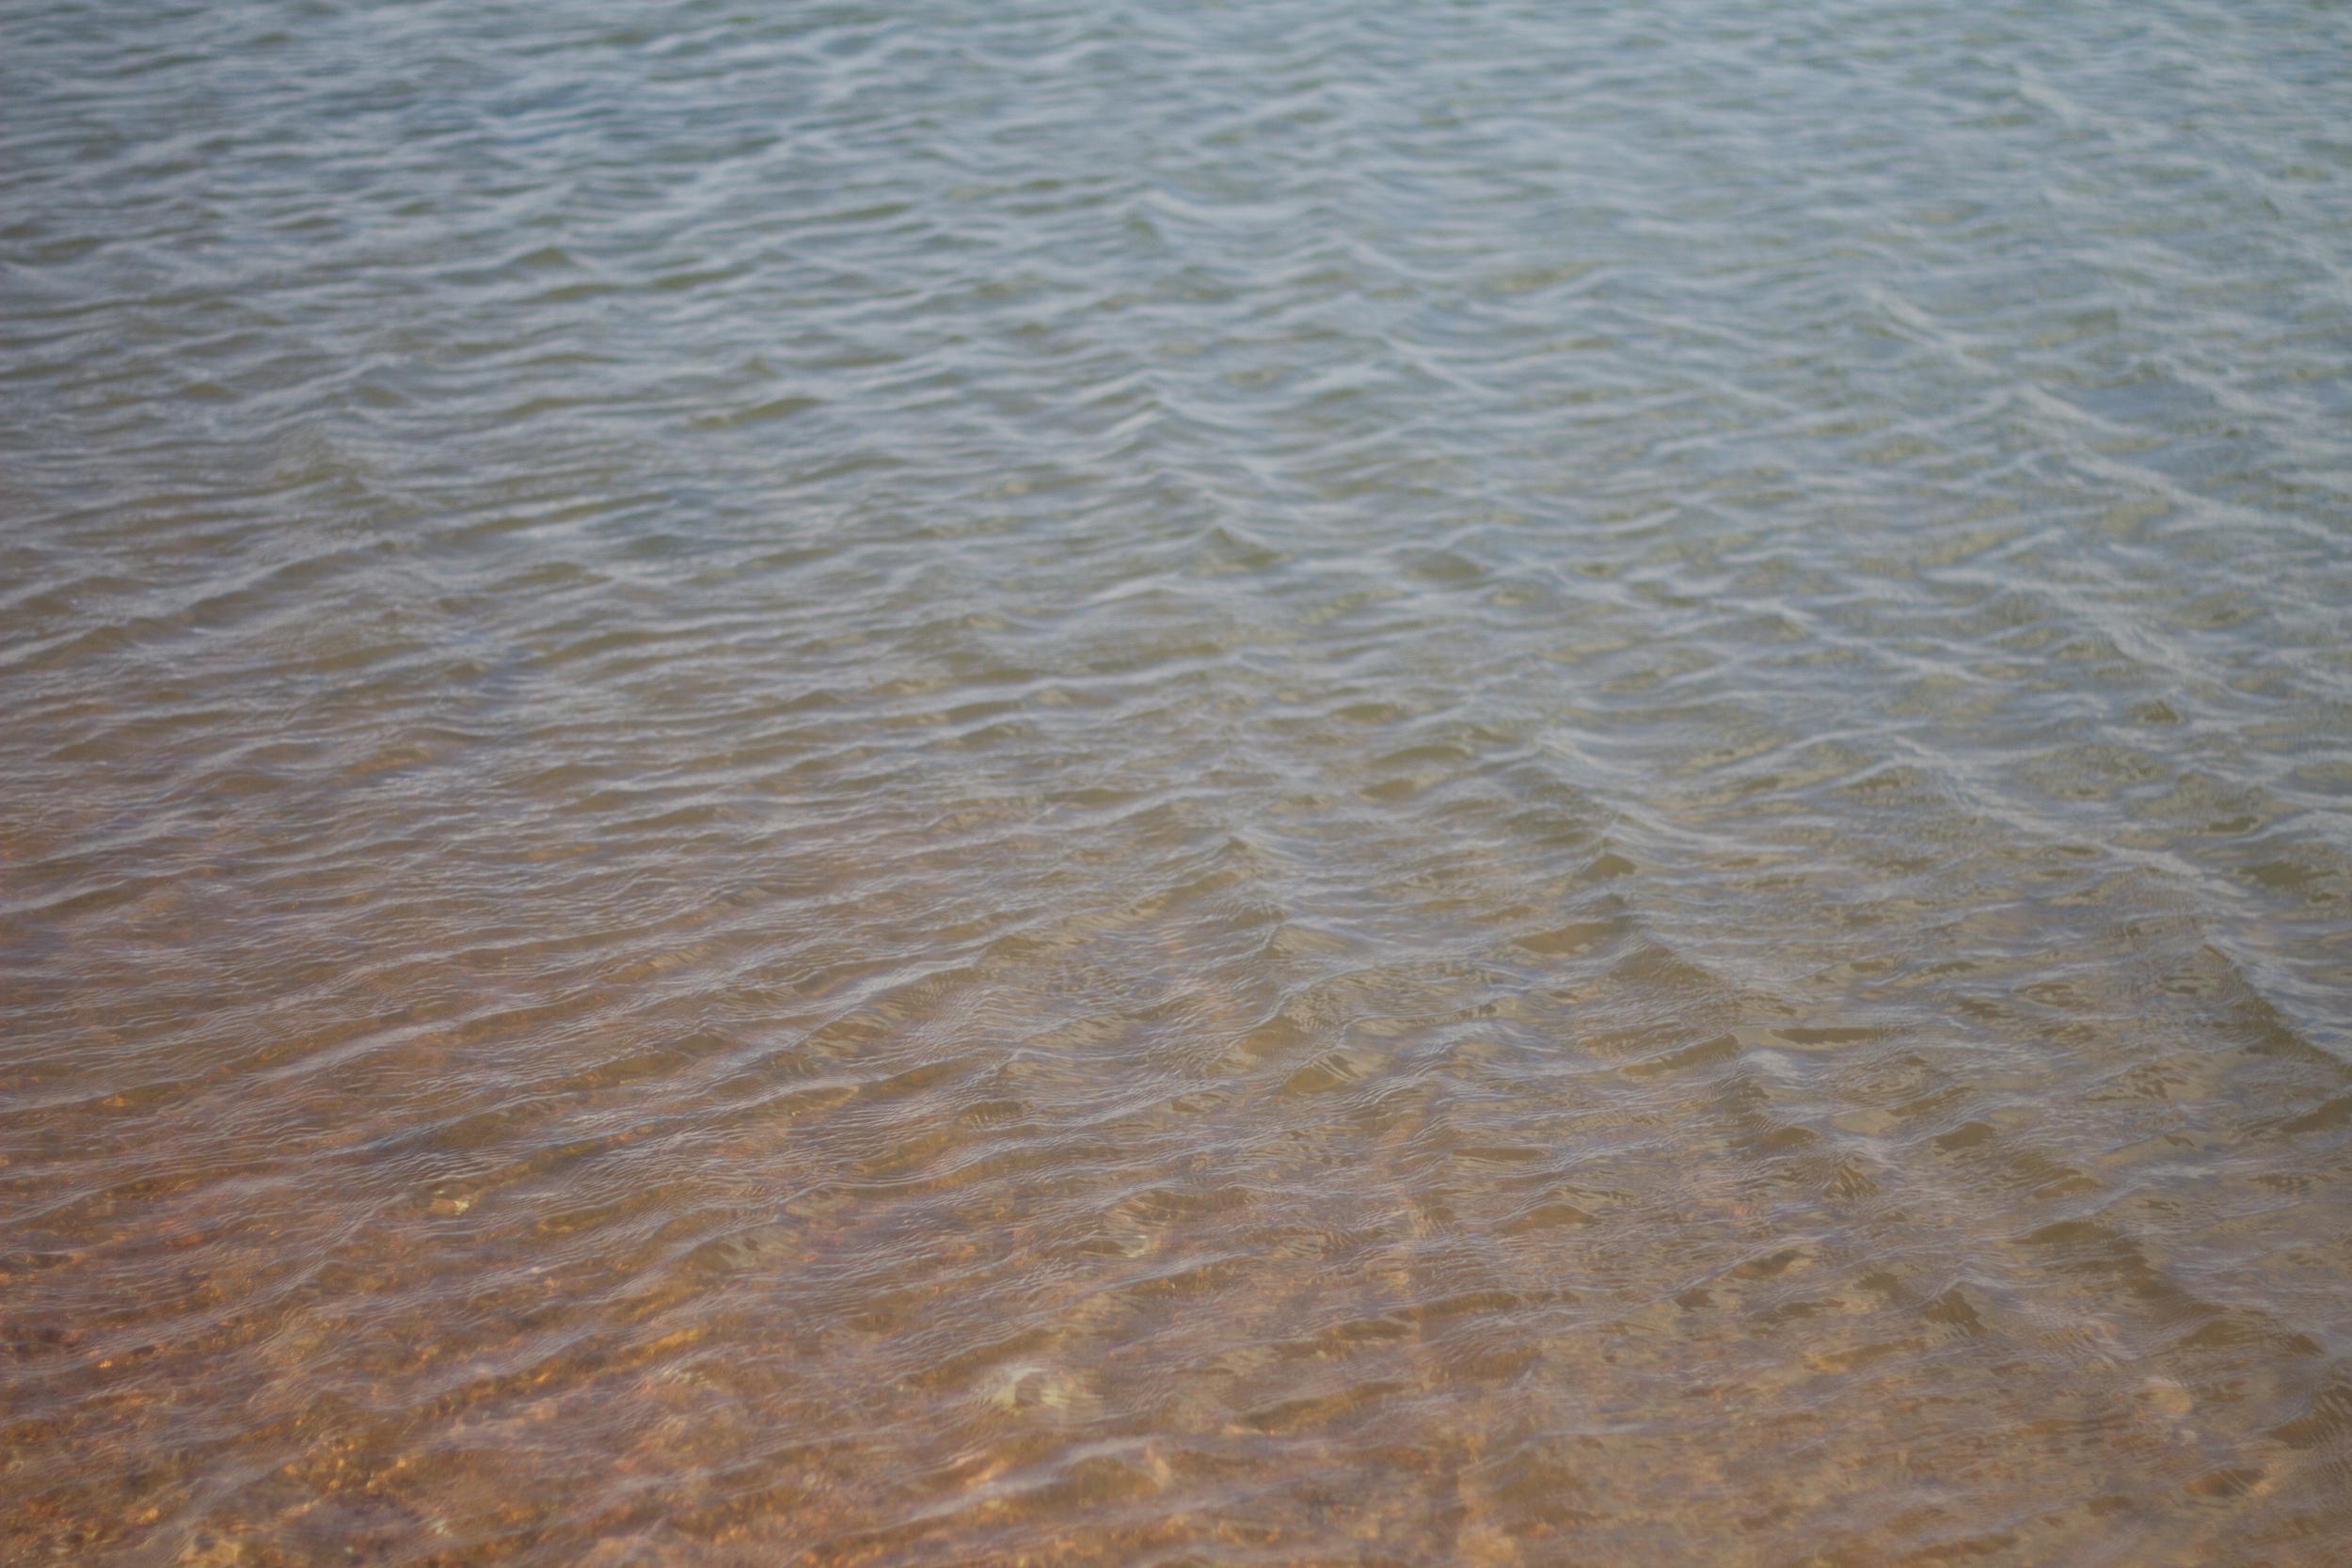 Warmer waters